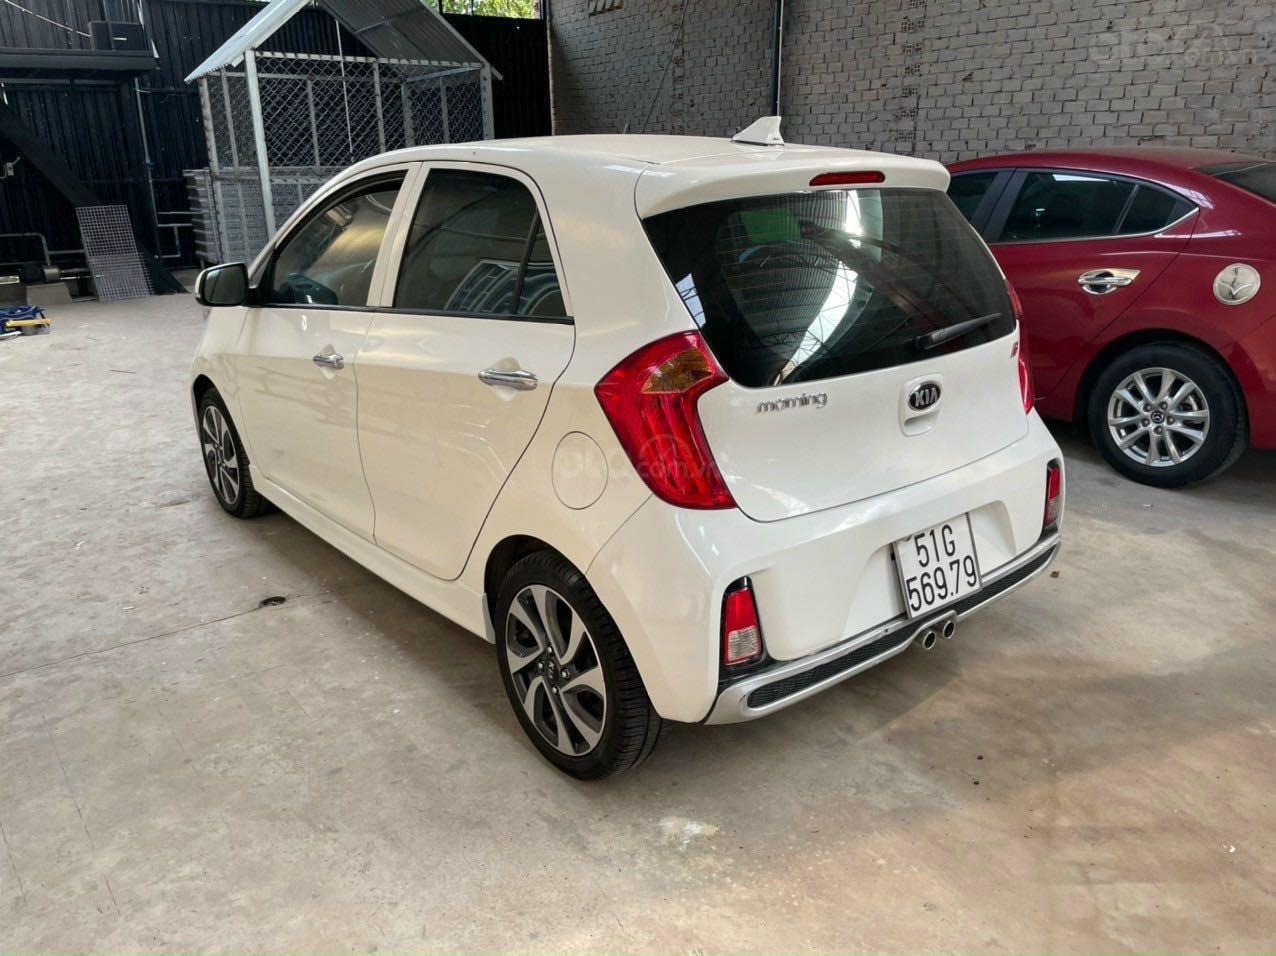 Cần bán lại xe Kia Morning năm 2018, màu trắng nhập khẩu giá tốt 369 triệu đồng (5)